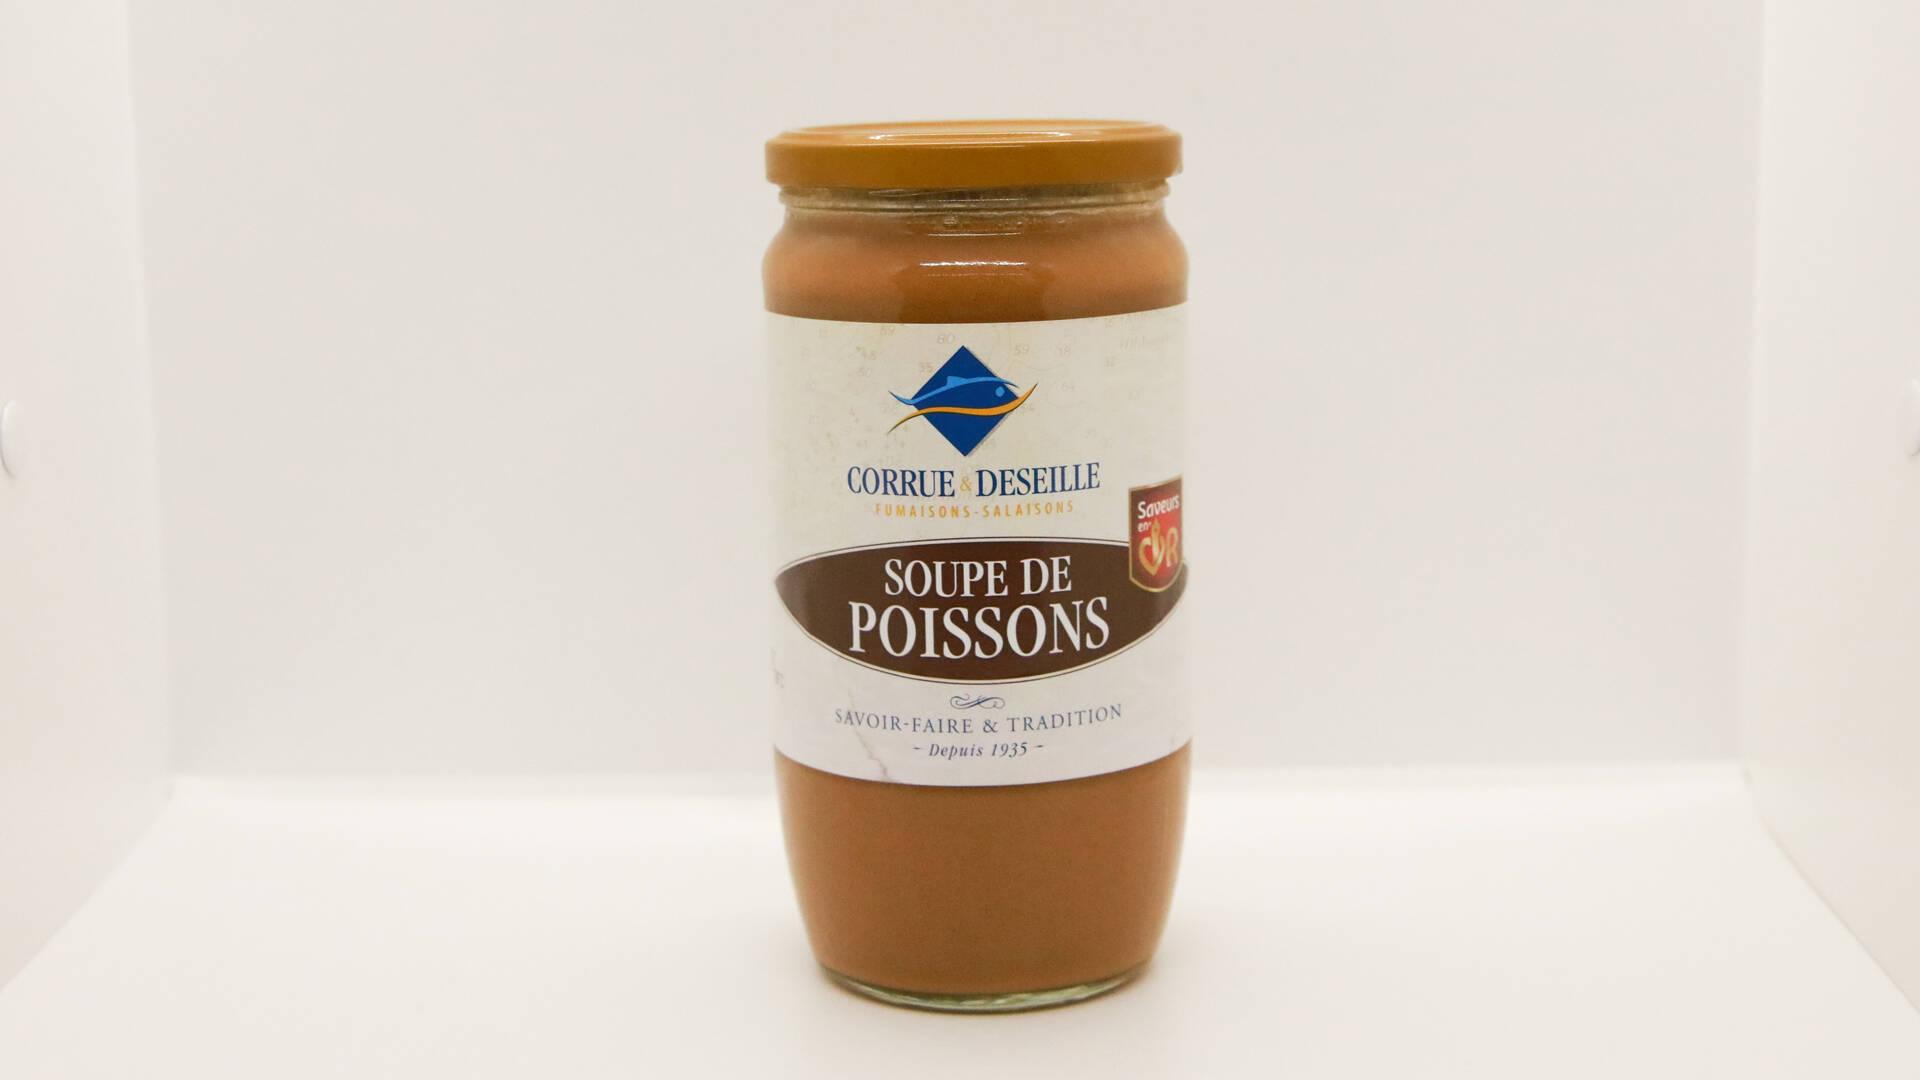 soupe corrue & deseille